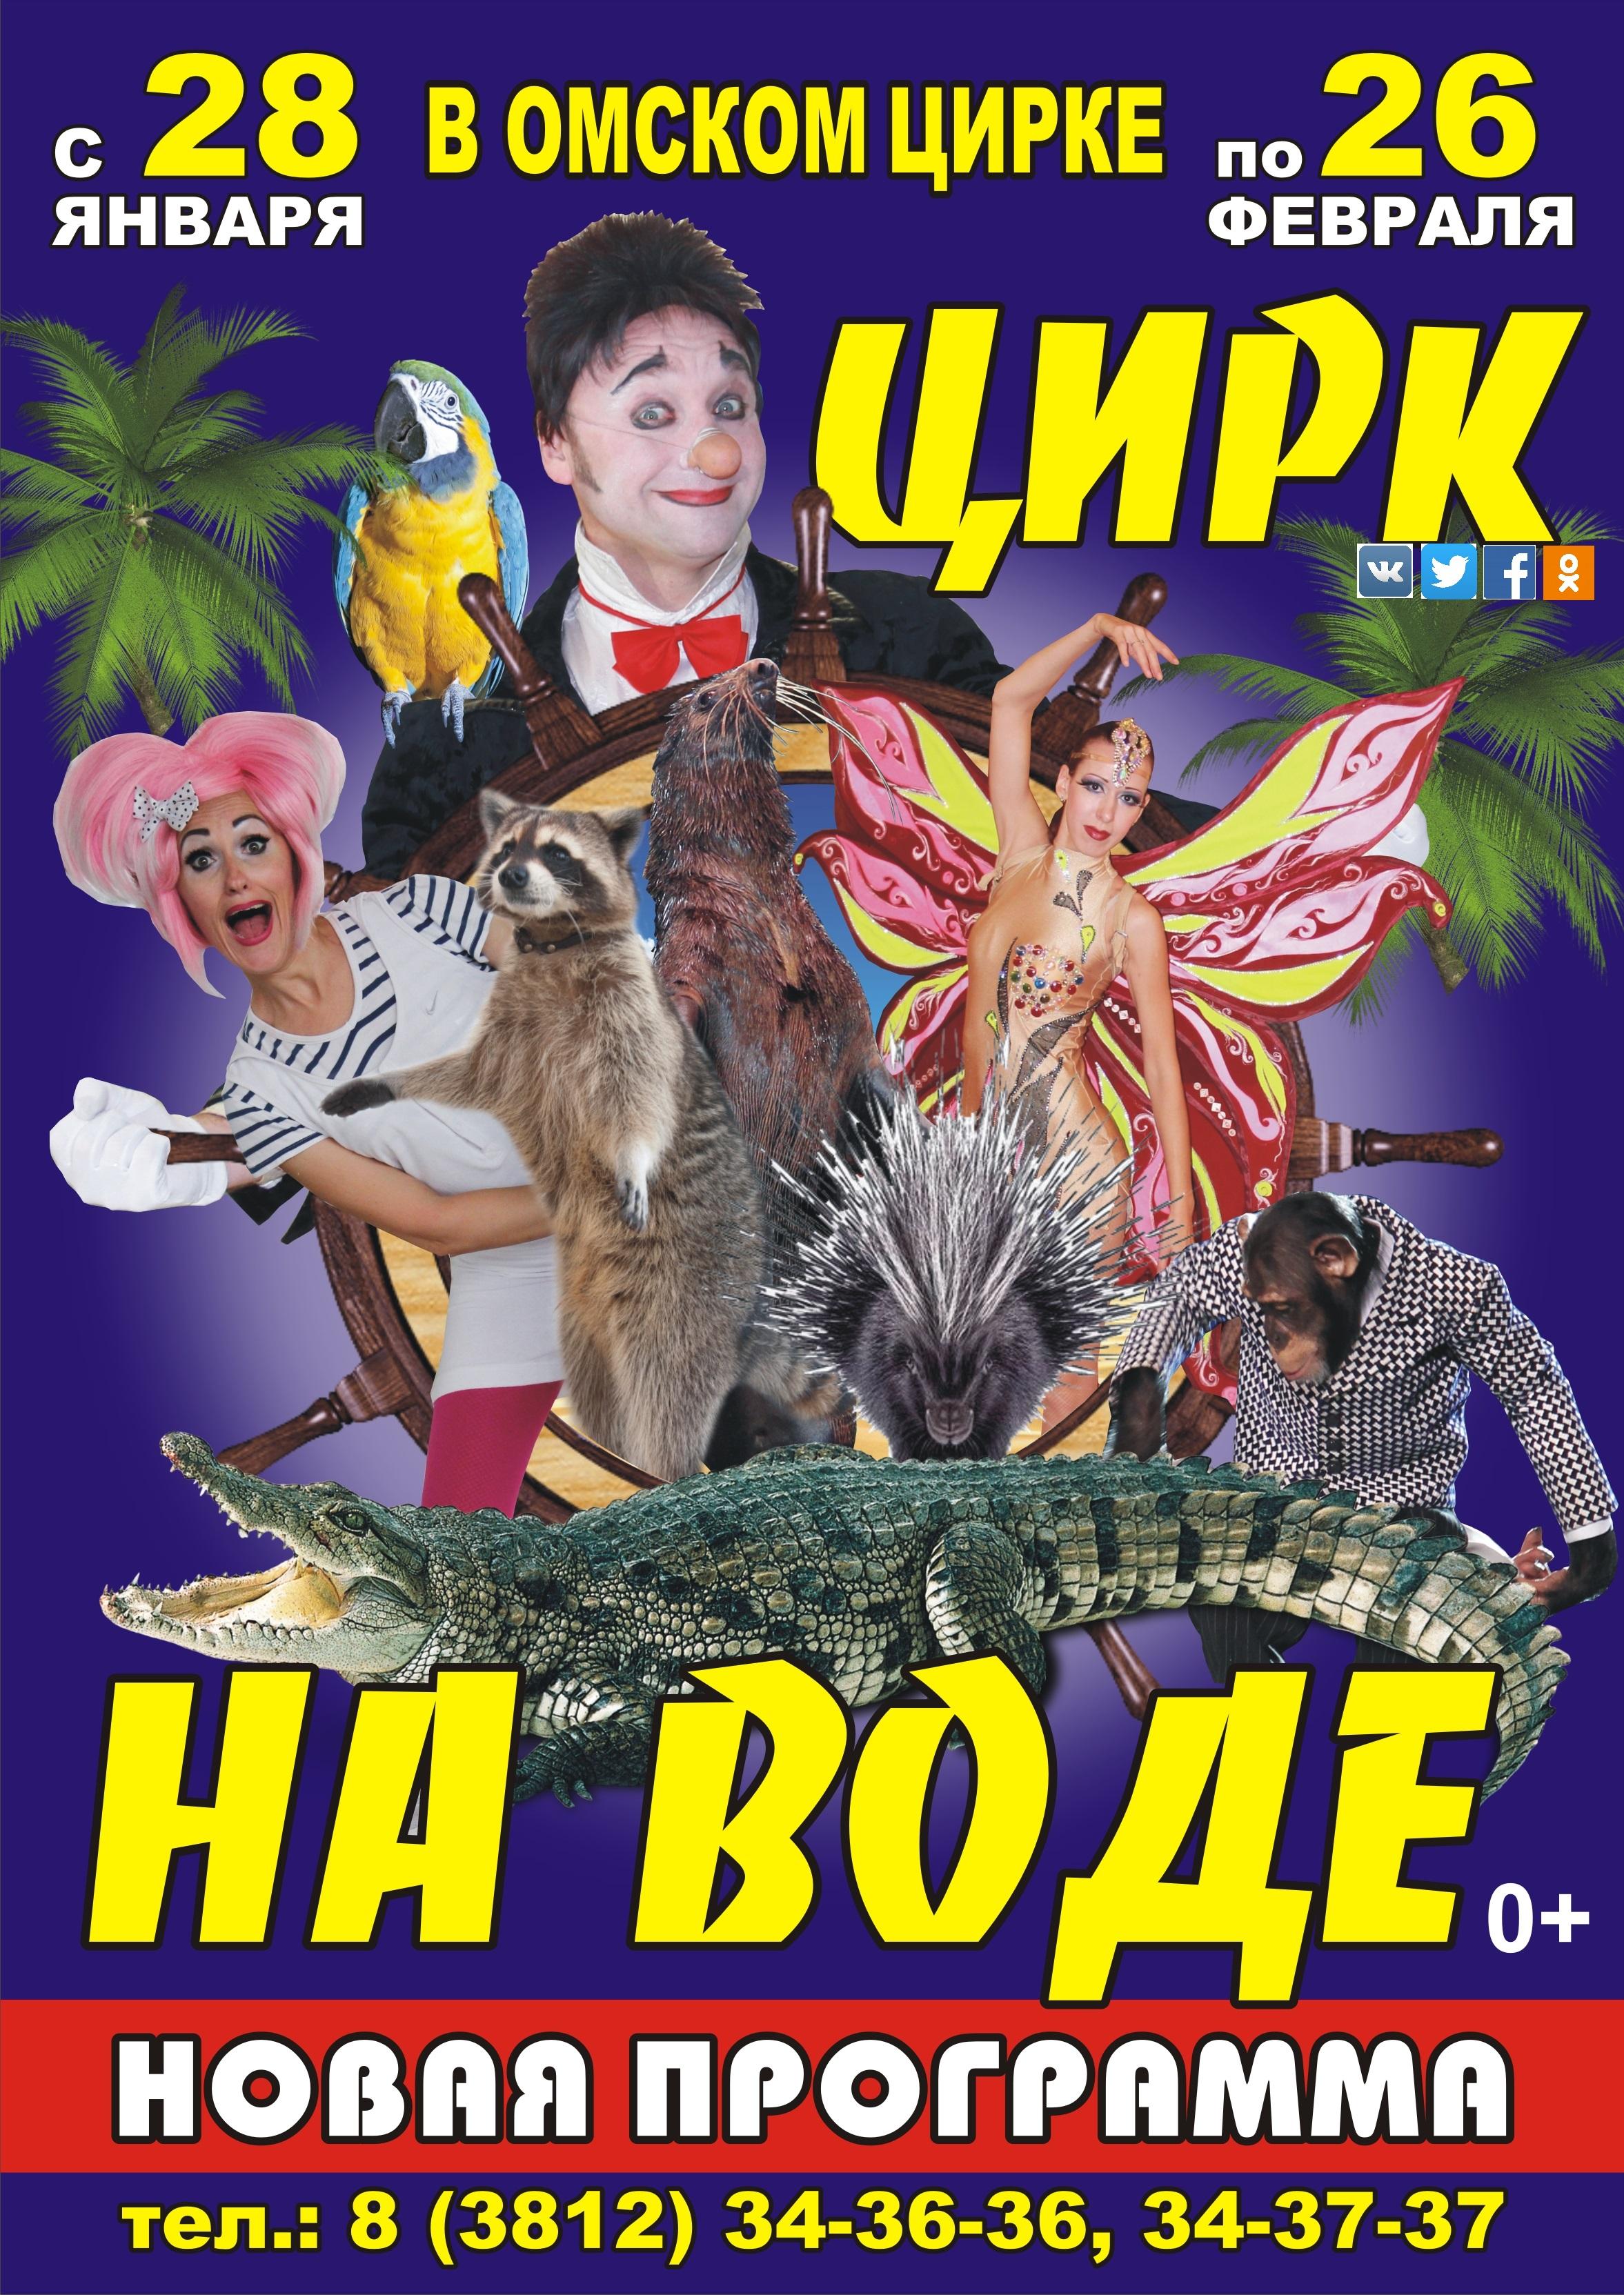 Афиша цирк омск купить билет ауэзова театр билеты